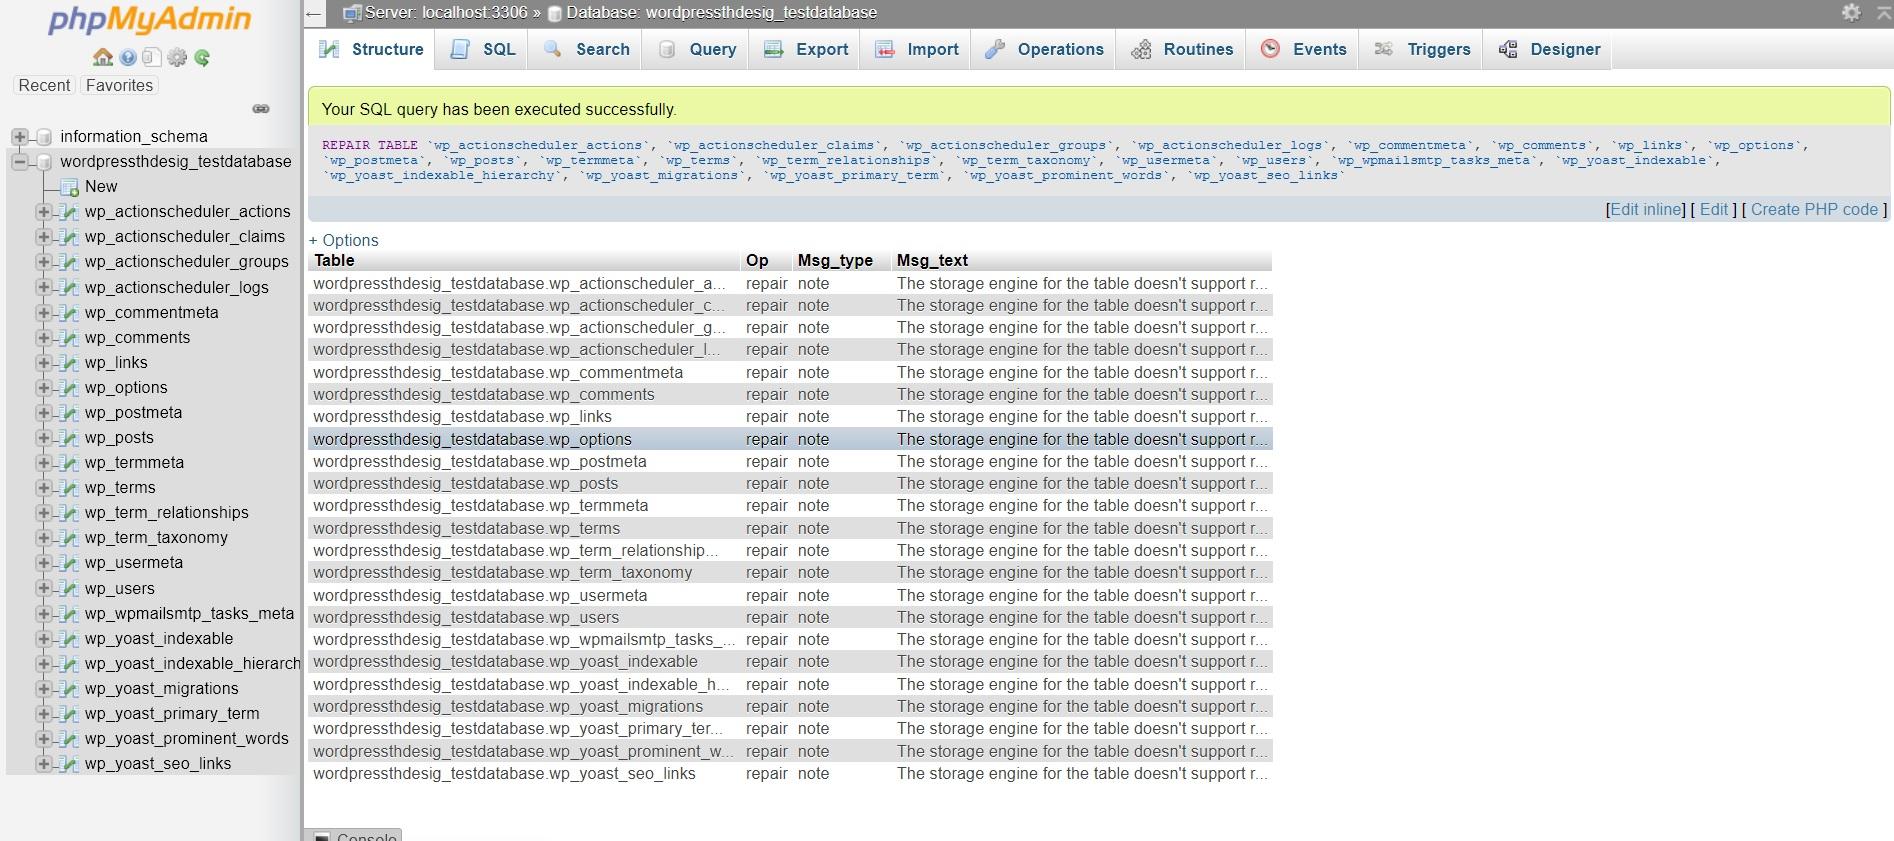 آموزش تعمیر دیتابیس در سی پنل از طریق phpmyadmin